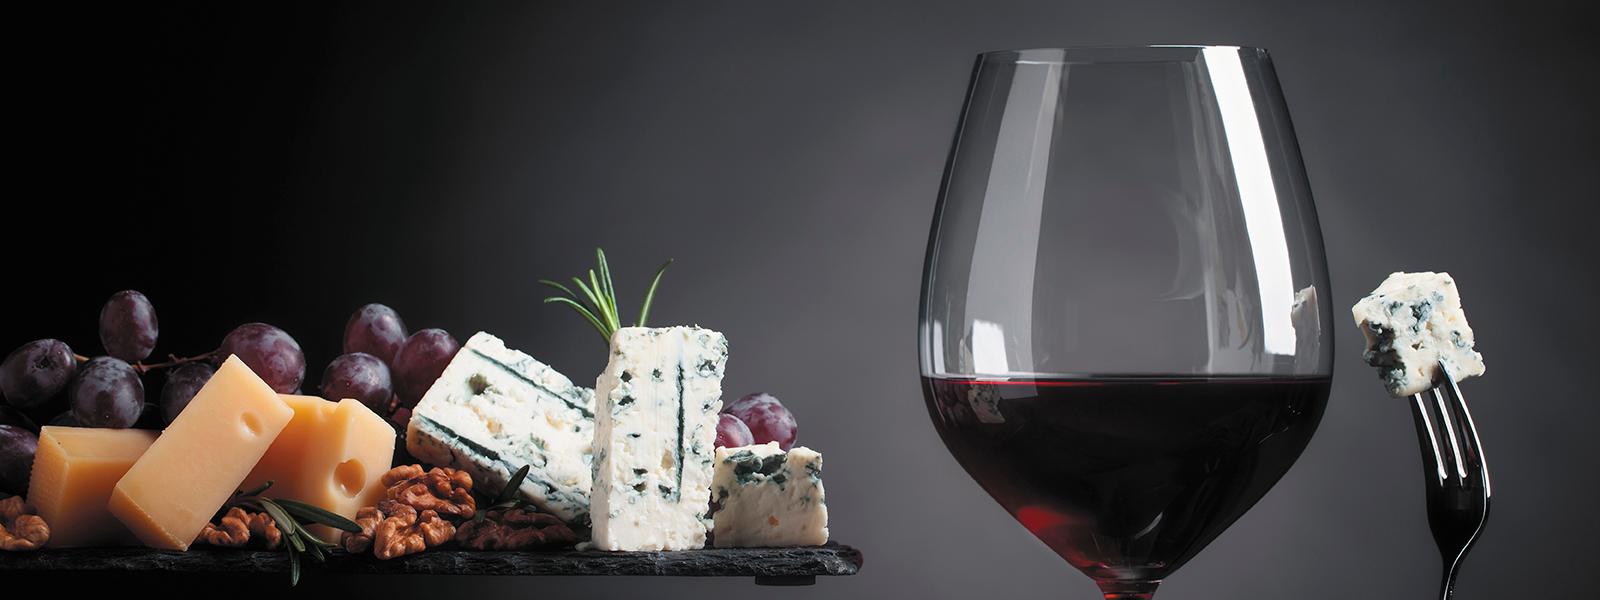 Arrangement Bild Wein und Käse